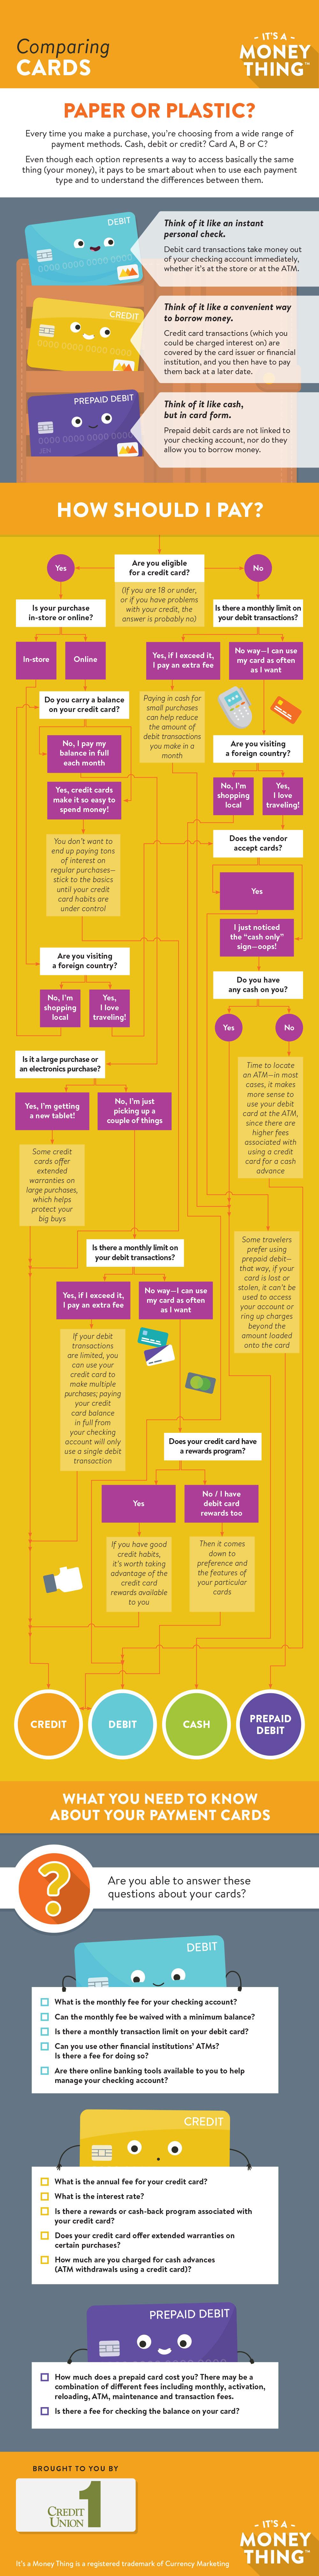 Infographic_Debit_Versus_Credit.jpg